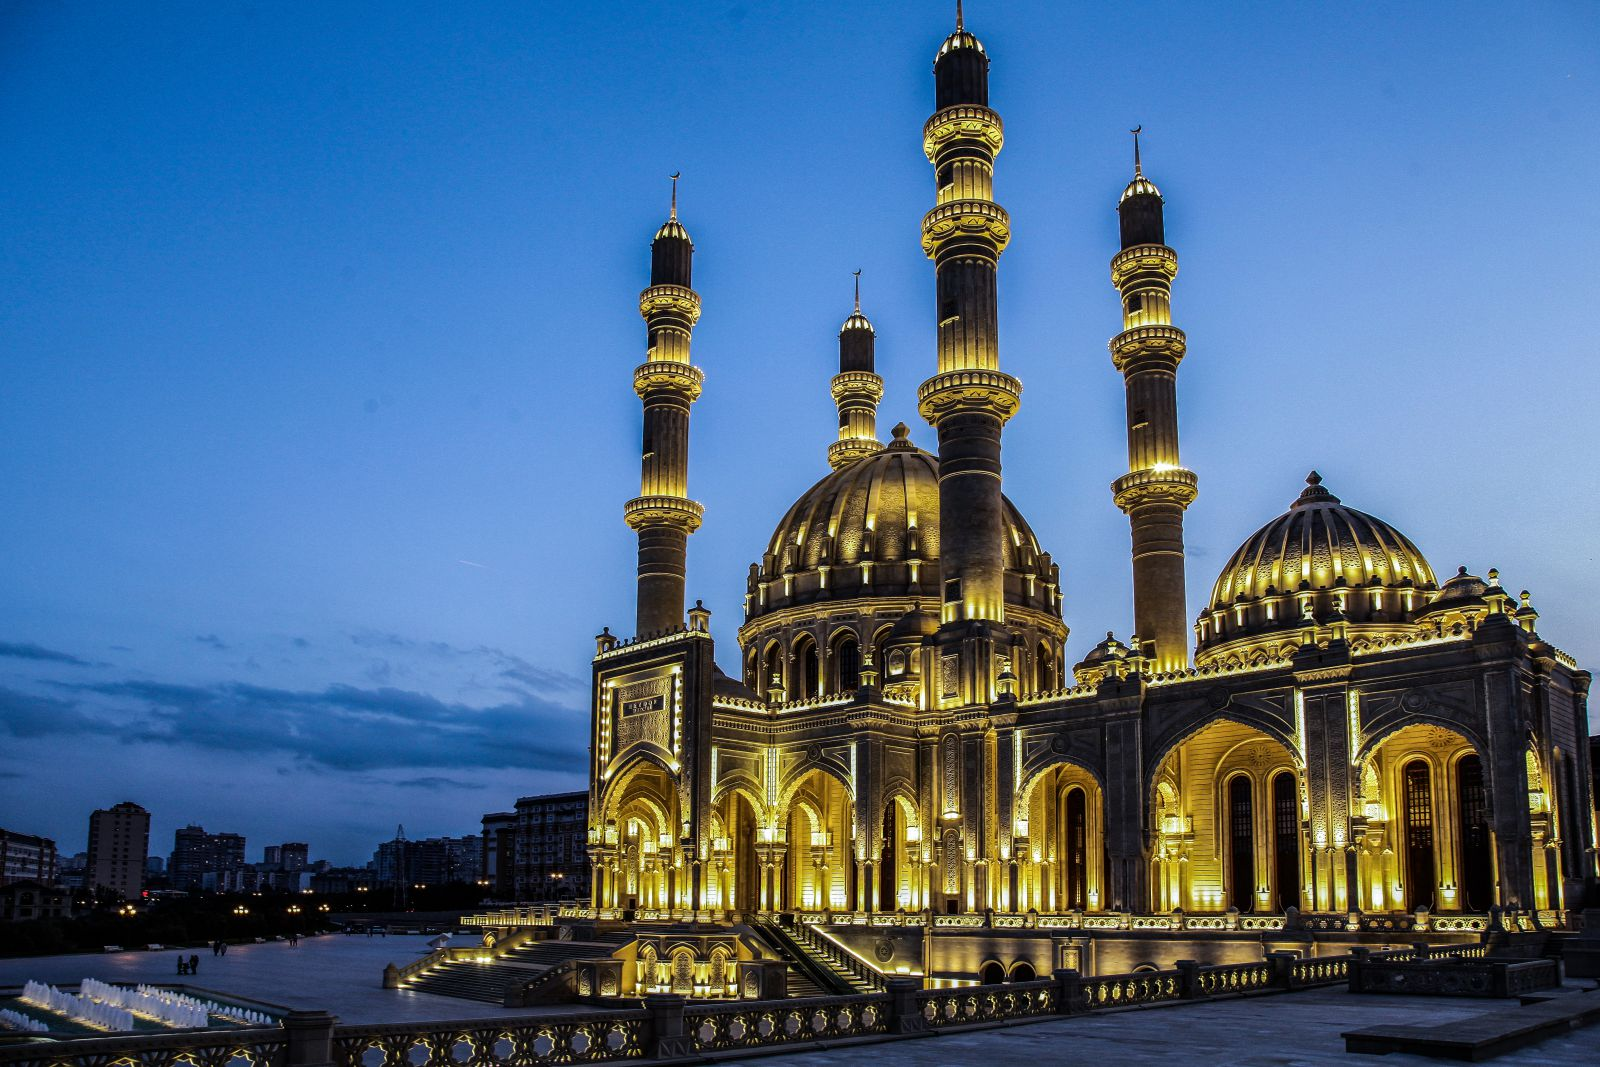 Фотографии мечетей мира хорошем качестве можем